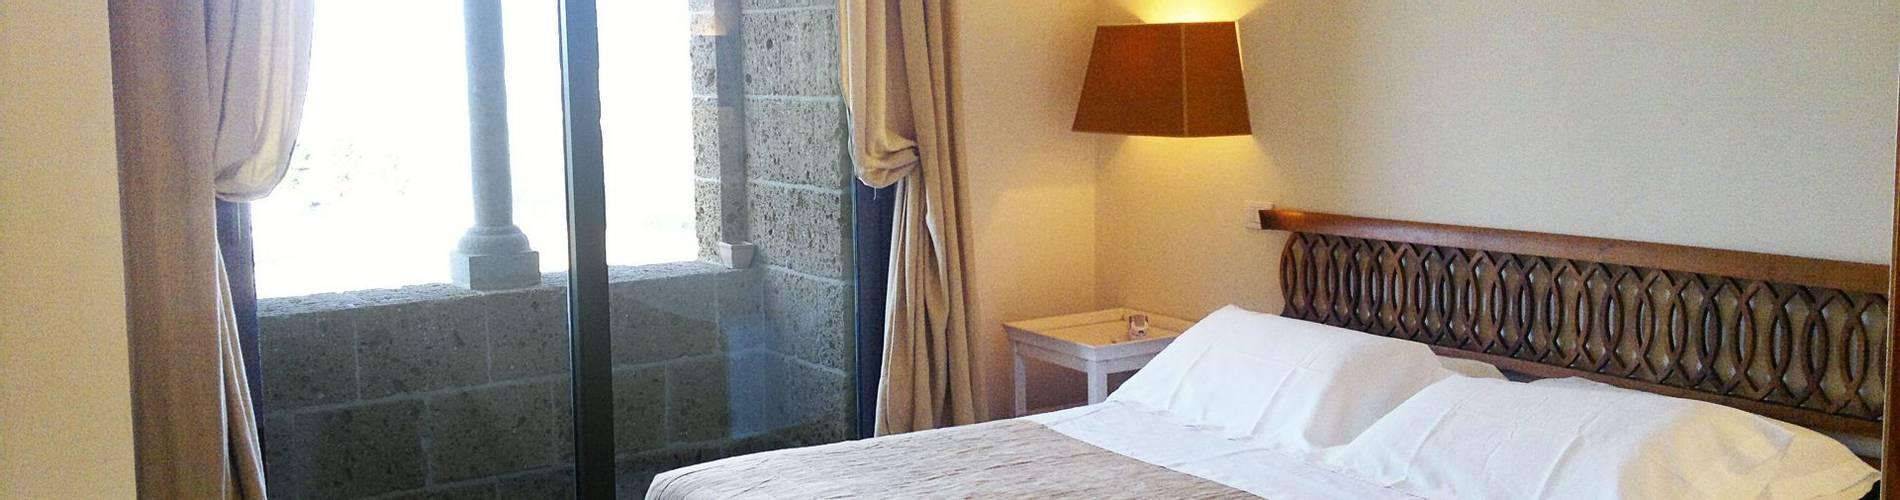 Locanda Palazzone, Umbria, Italy, Family Suite (4).jpg